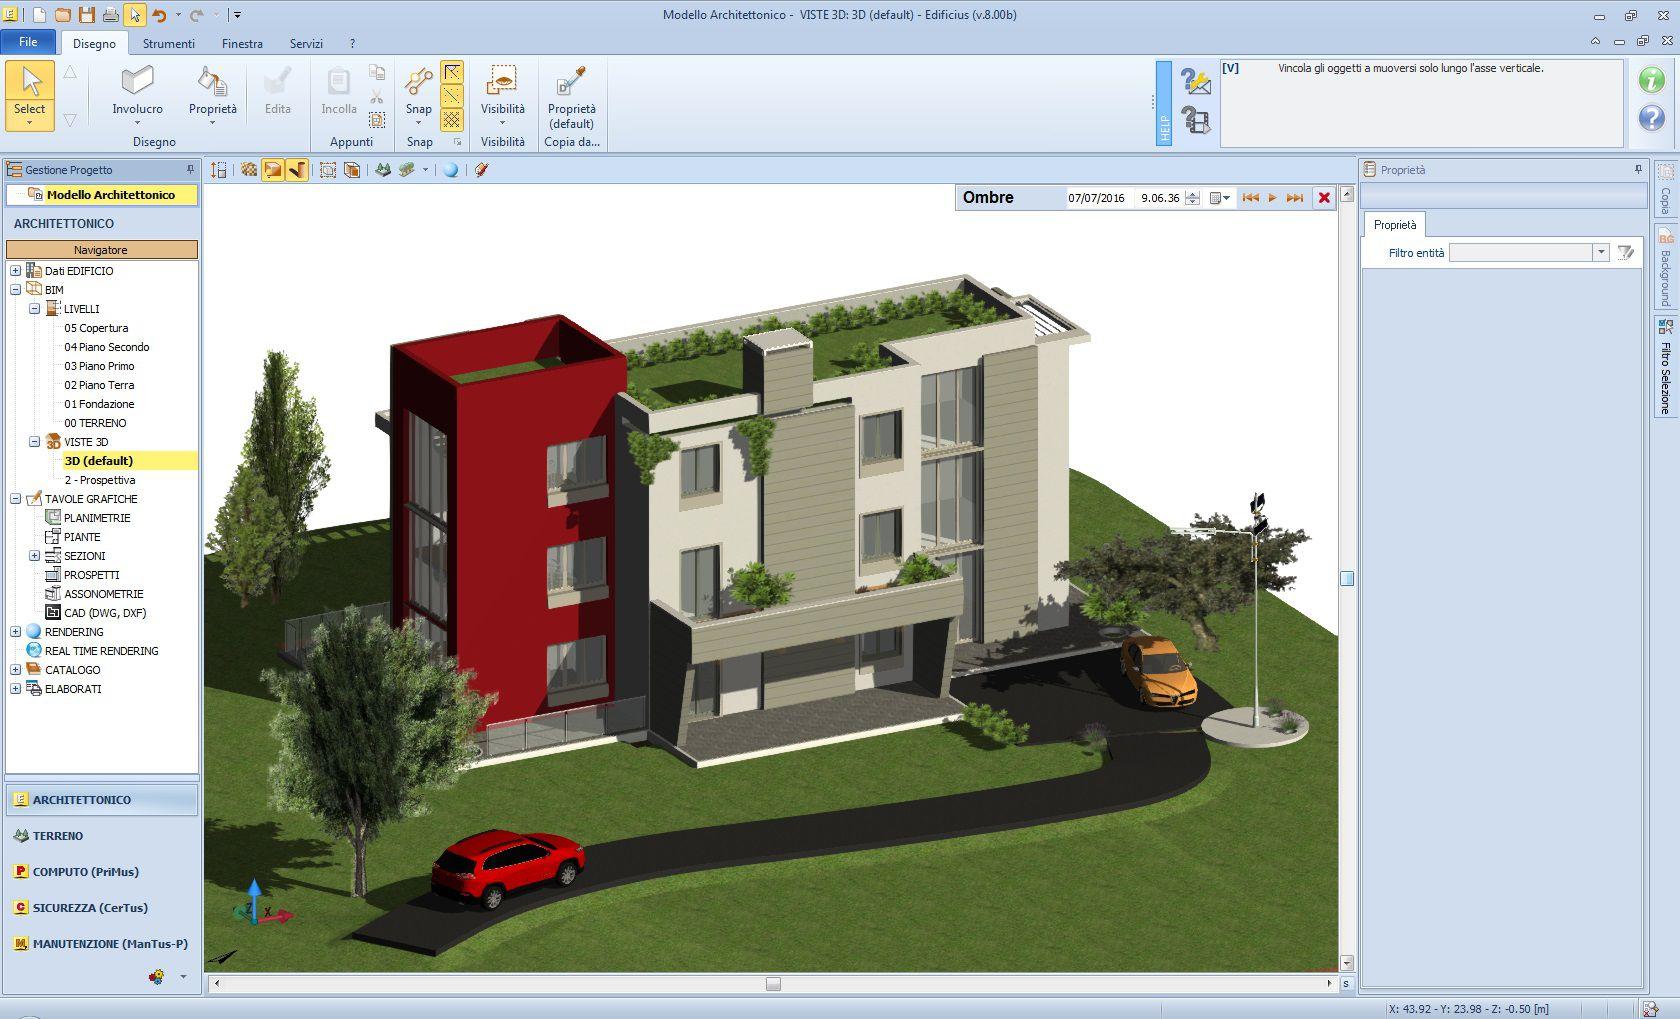 Figura 1: Modello architettonico generato da Edificius (software di Authoring BIM architettonico di ACCA software S.p.A.)